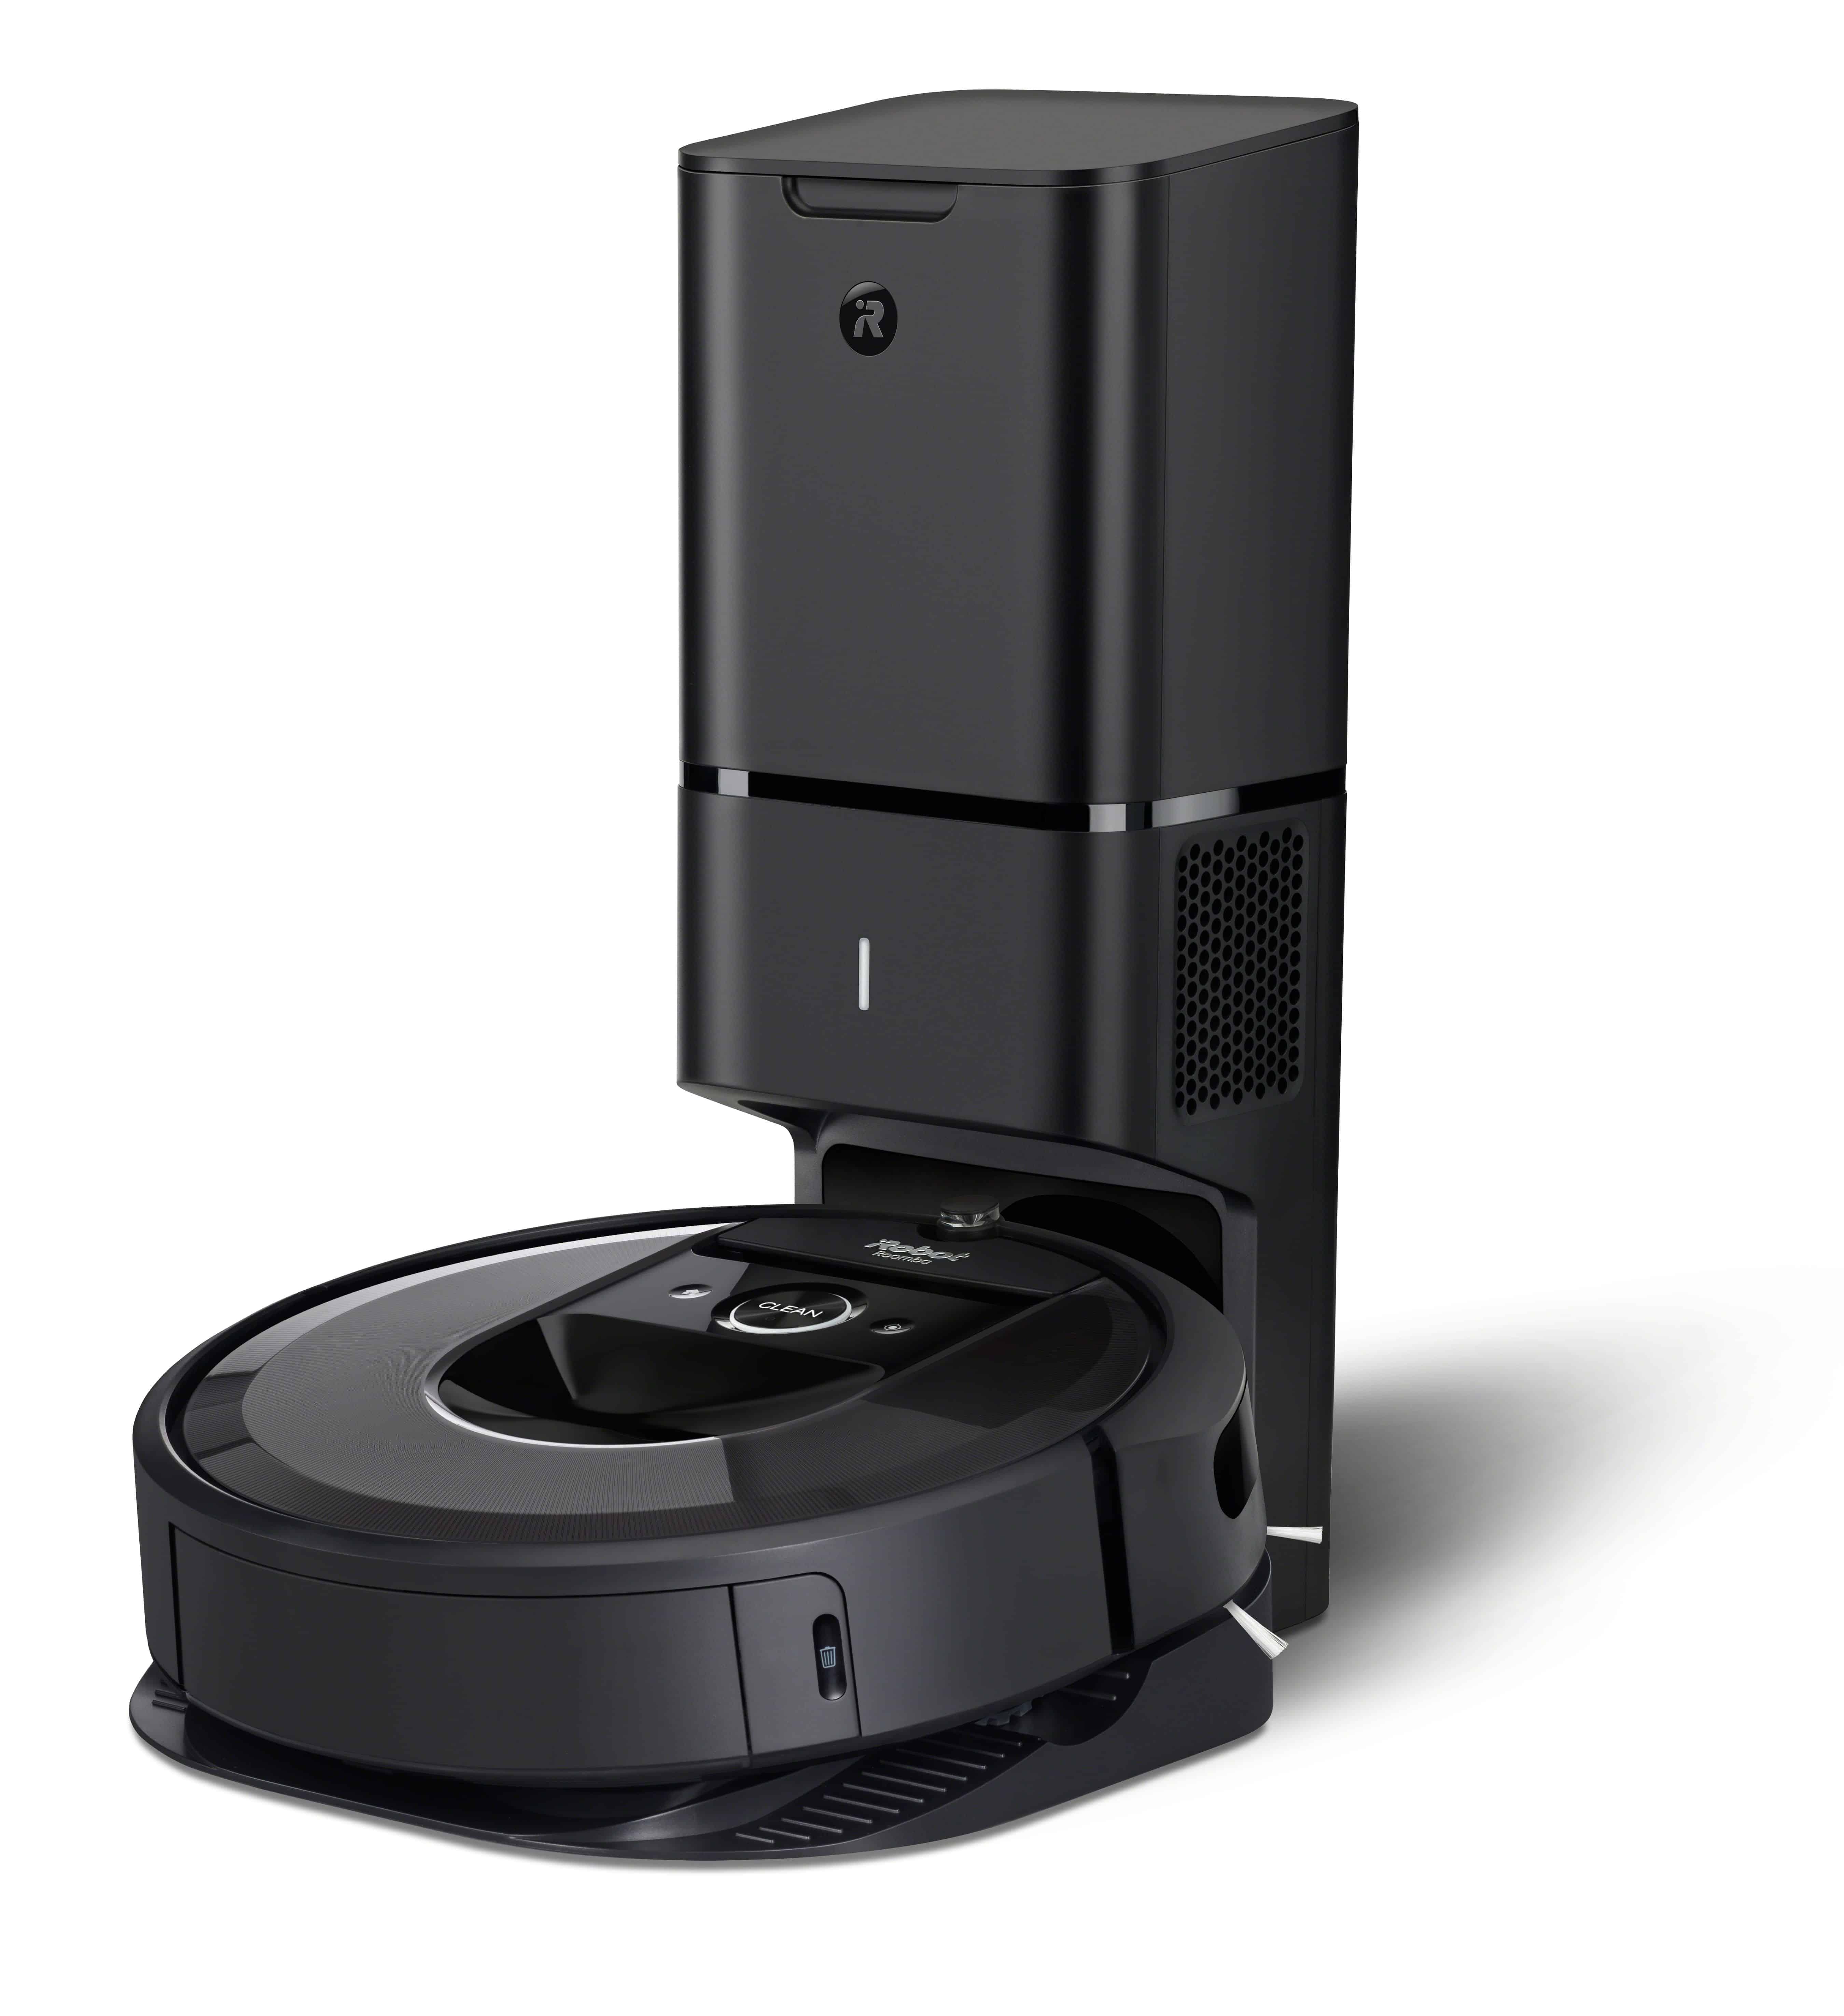 irobot roomba i7 Charcoal CleanBase Photo Studio LeftStanding Hero